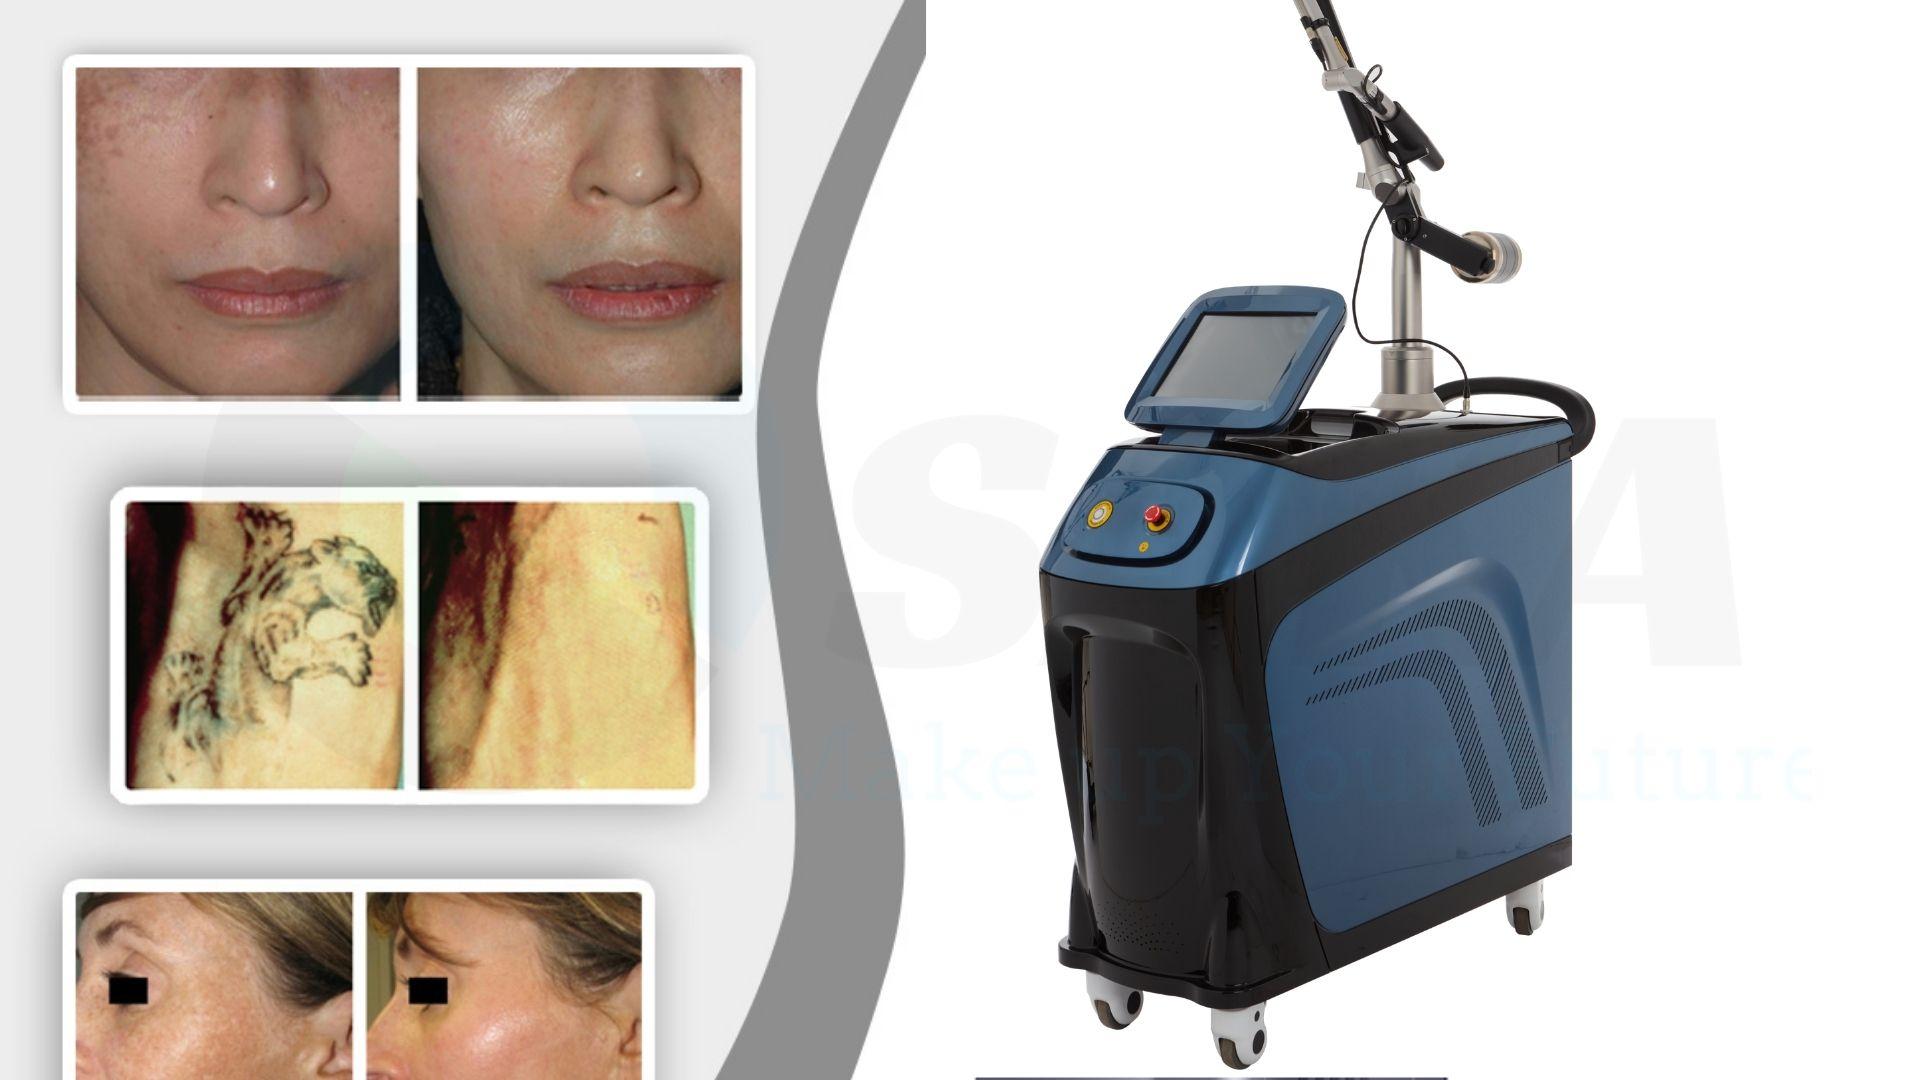 Giá máy điều trị sắc tố ND YAG